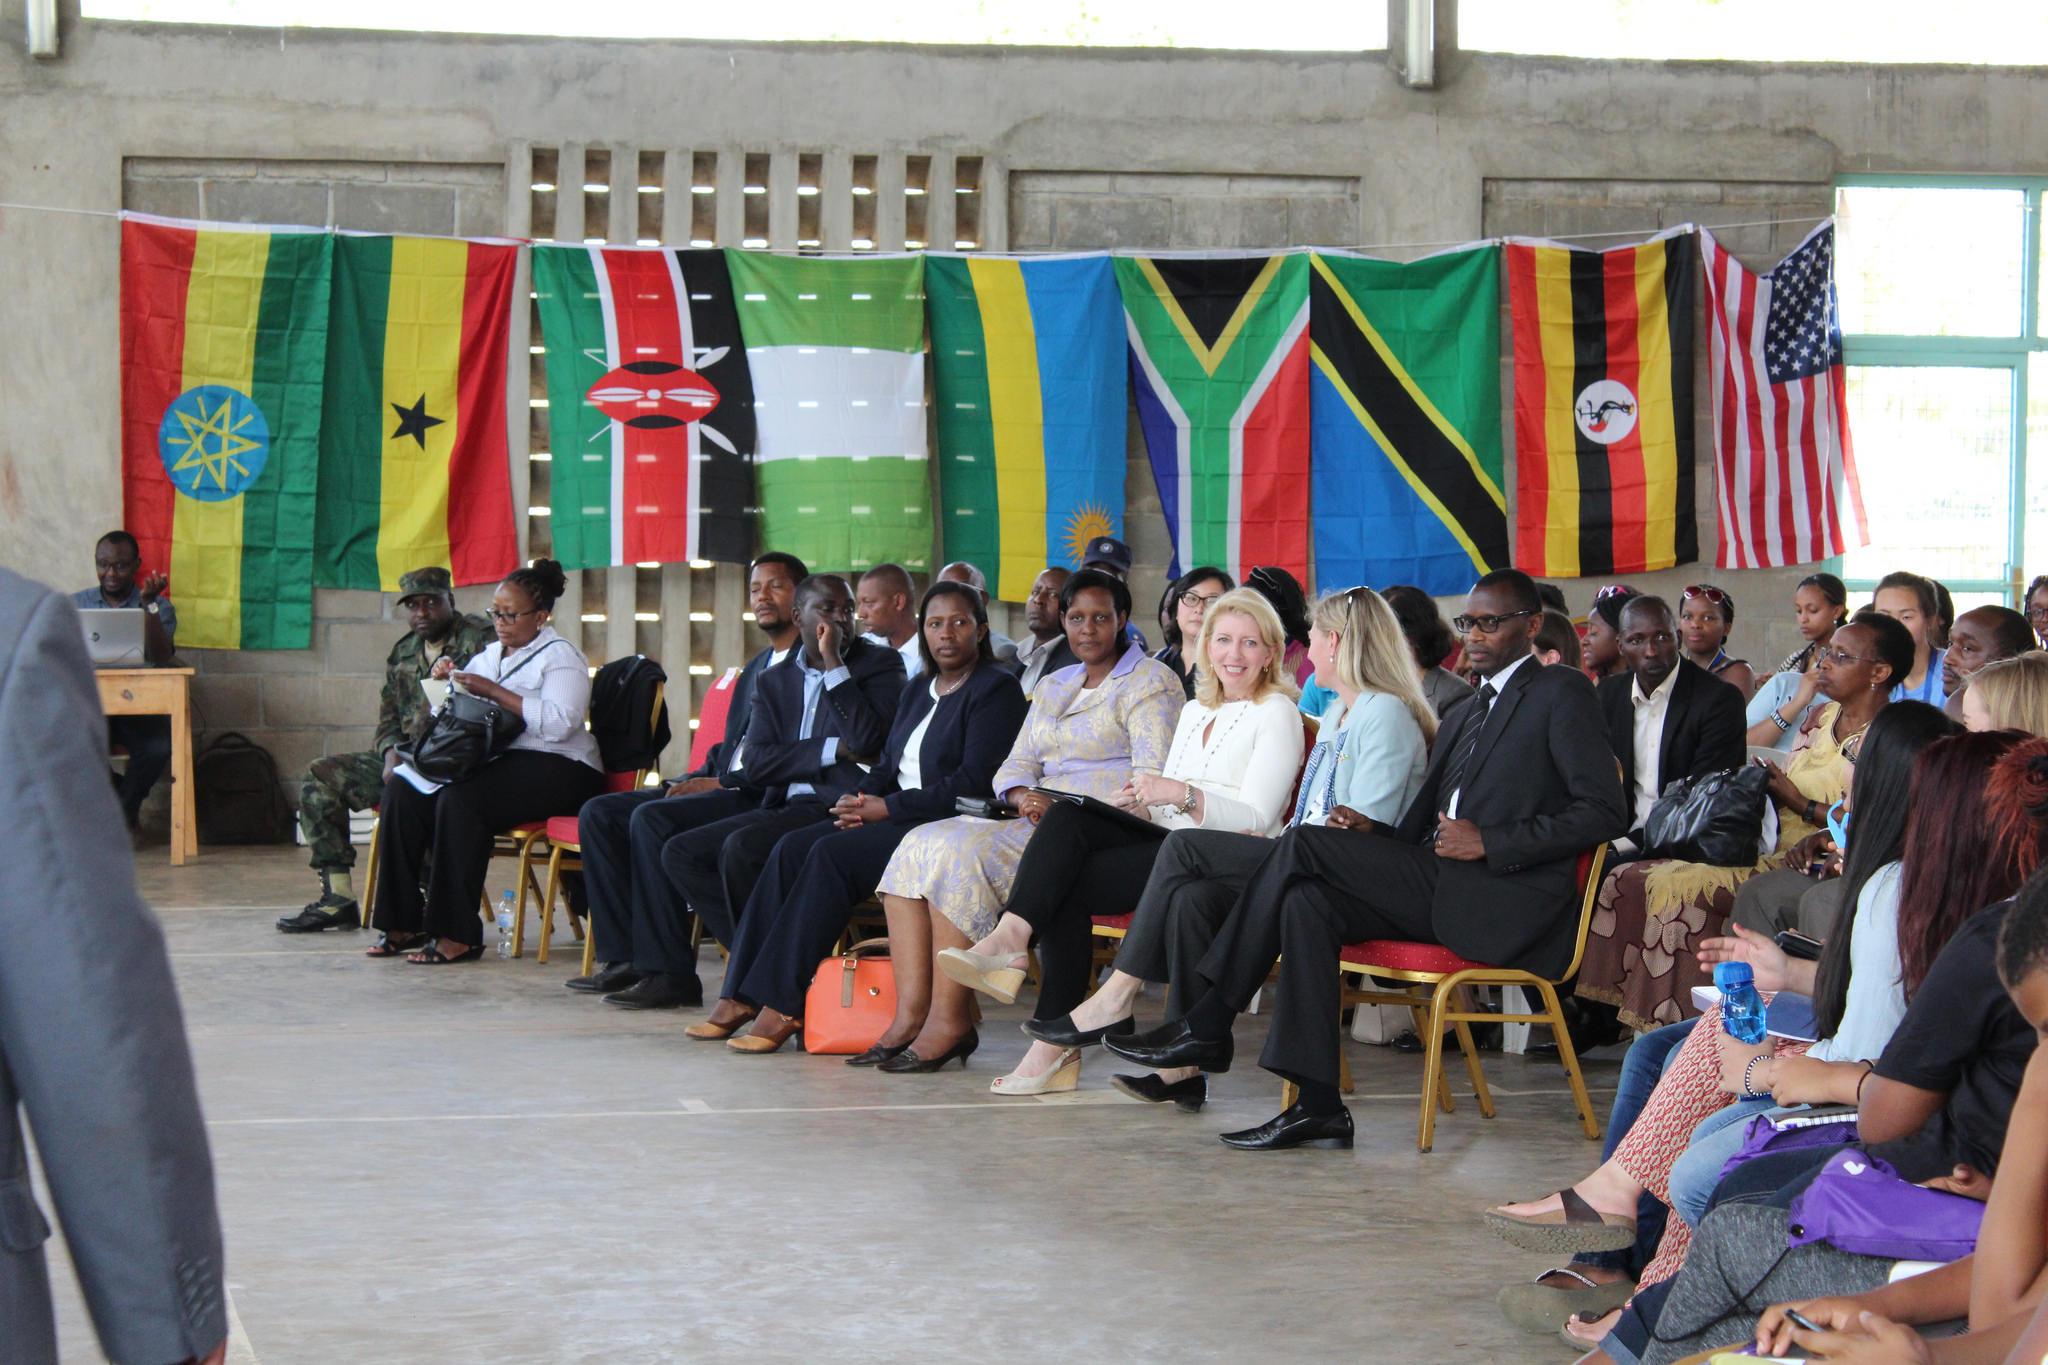 WiSci 2015 Graduation Ceremony